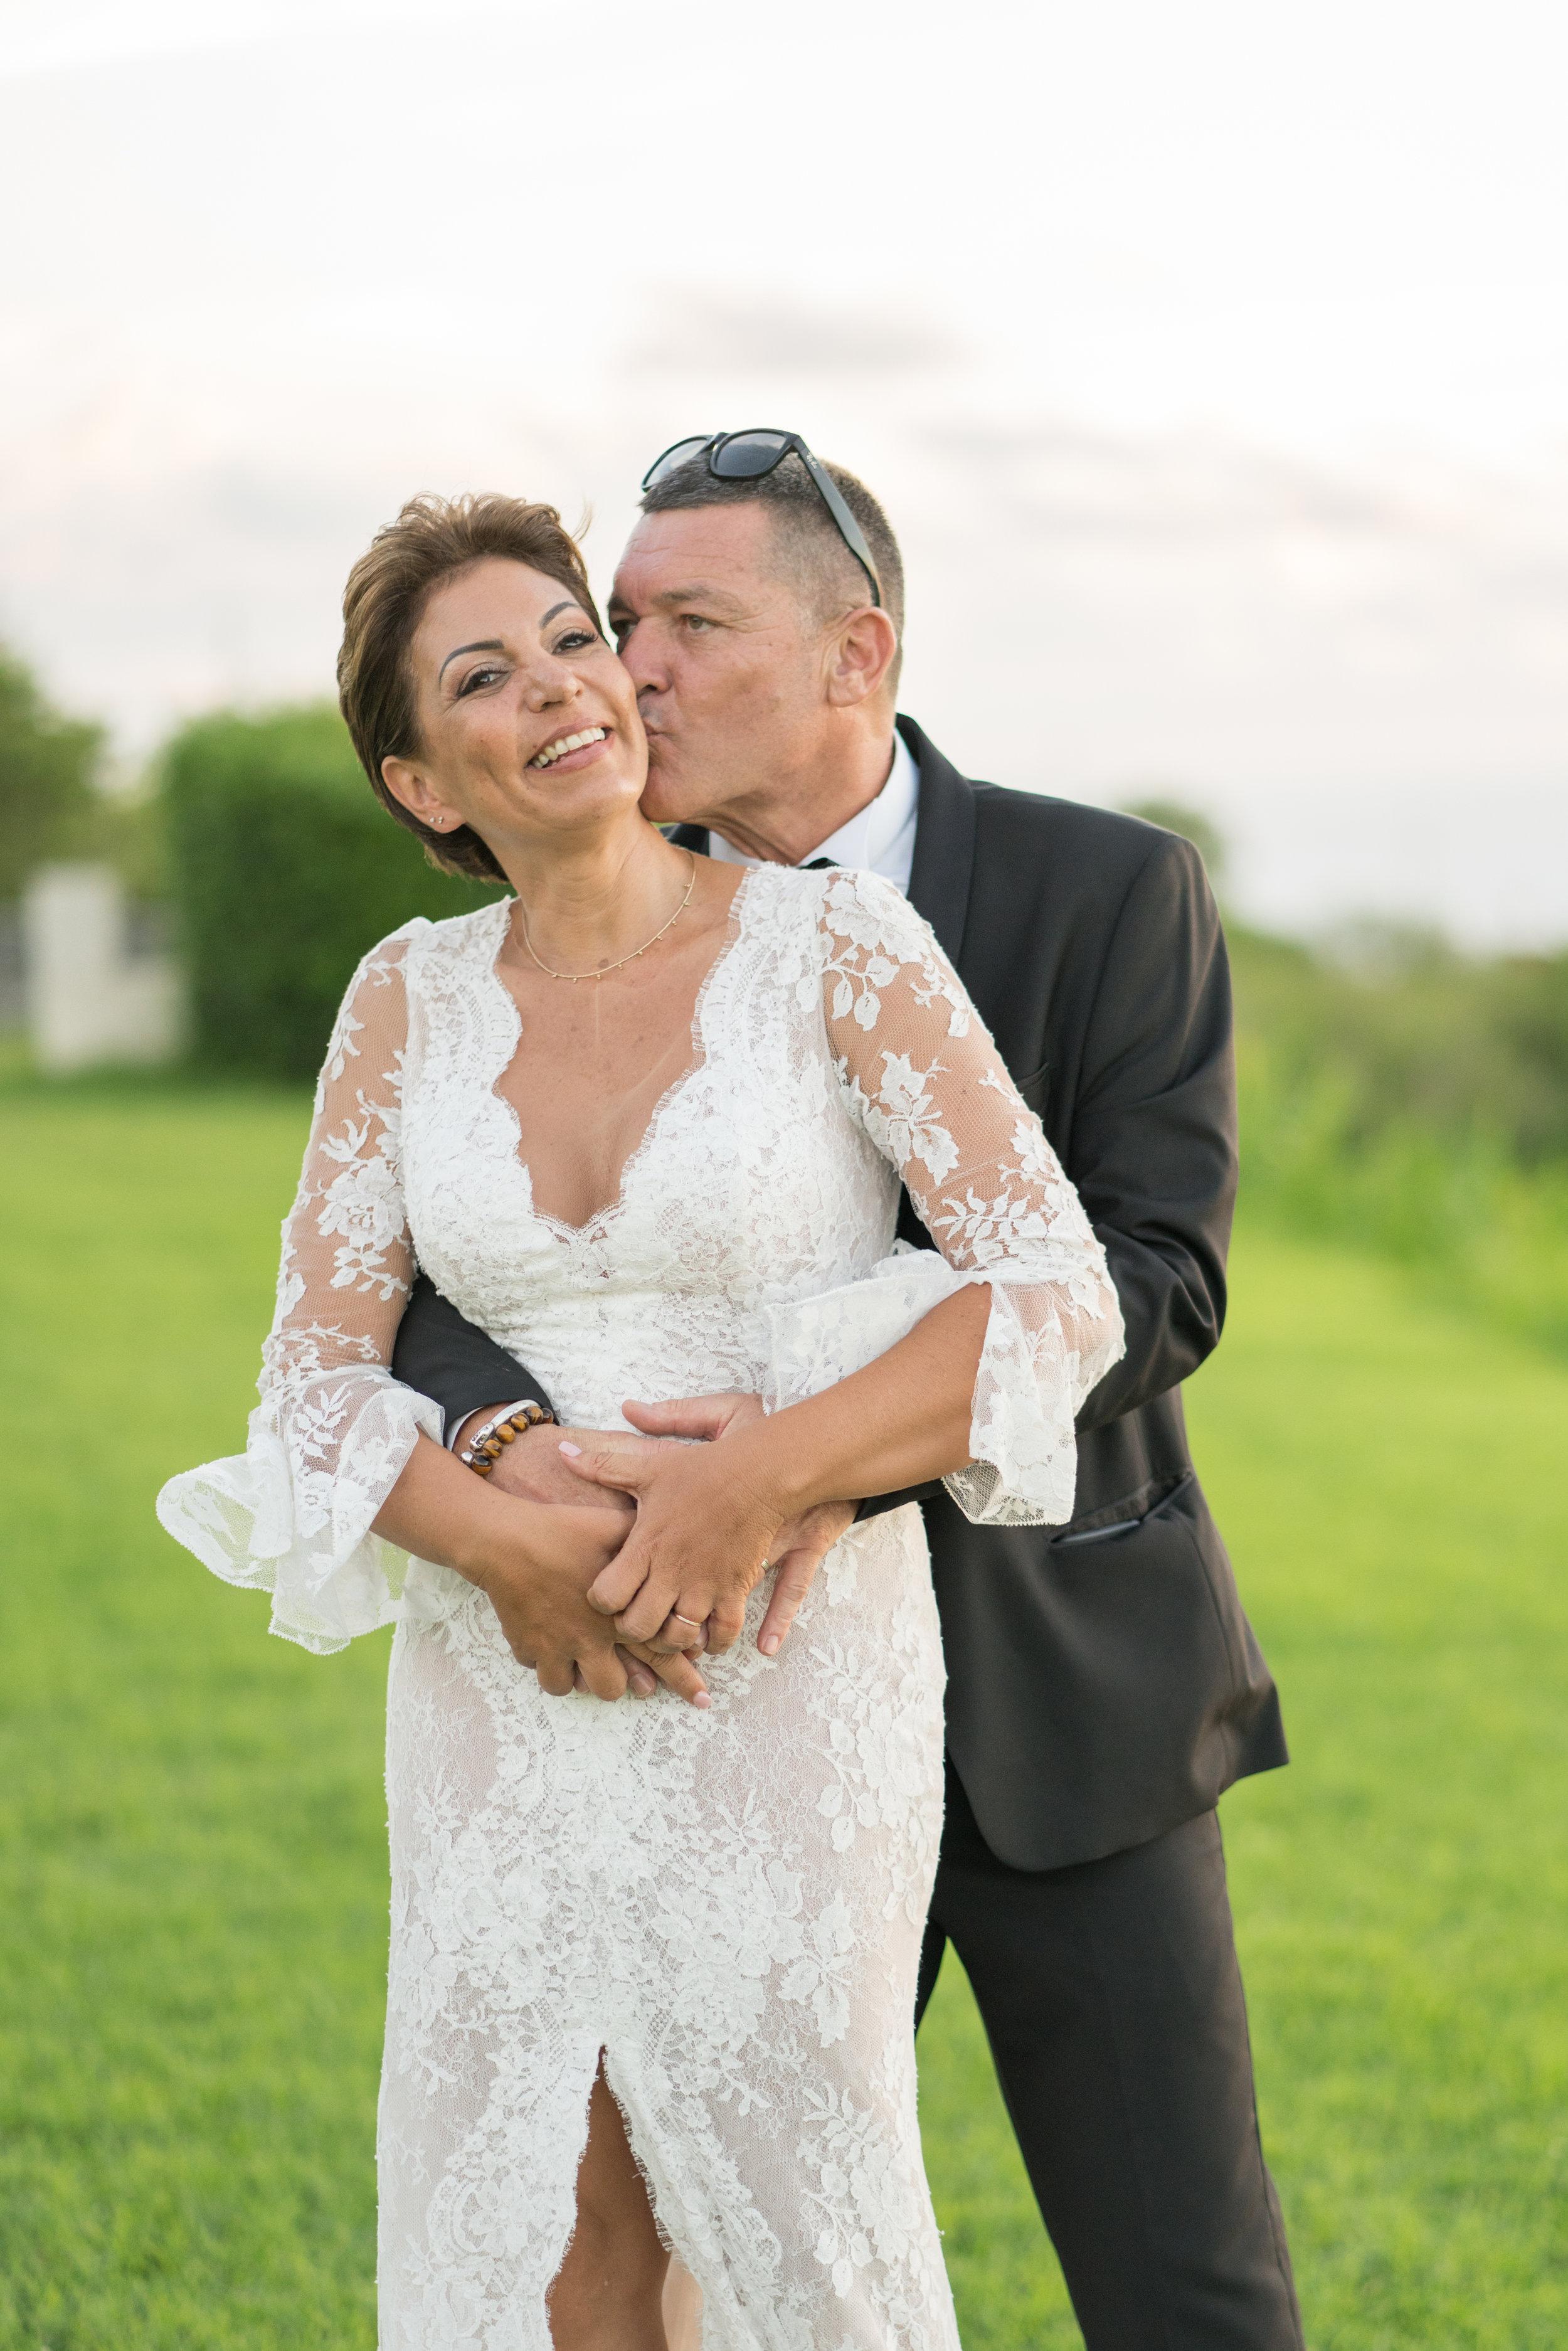 MRevenement organisation de mariage à la Réunion _ Mariage de B et JC (5).jpg